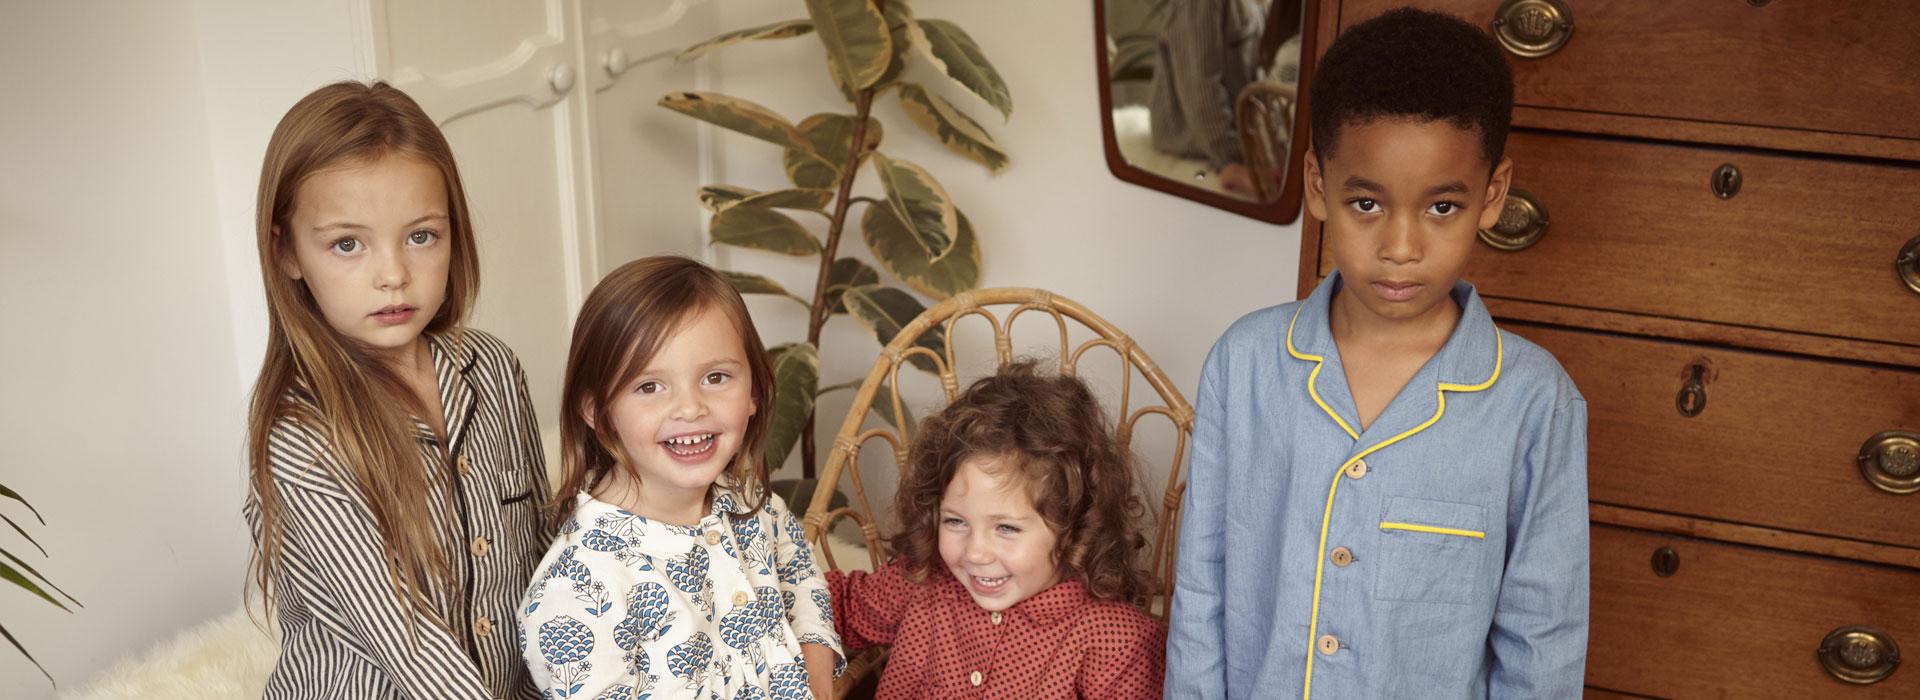 All Kids Pyjamas